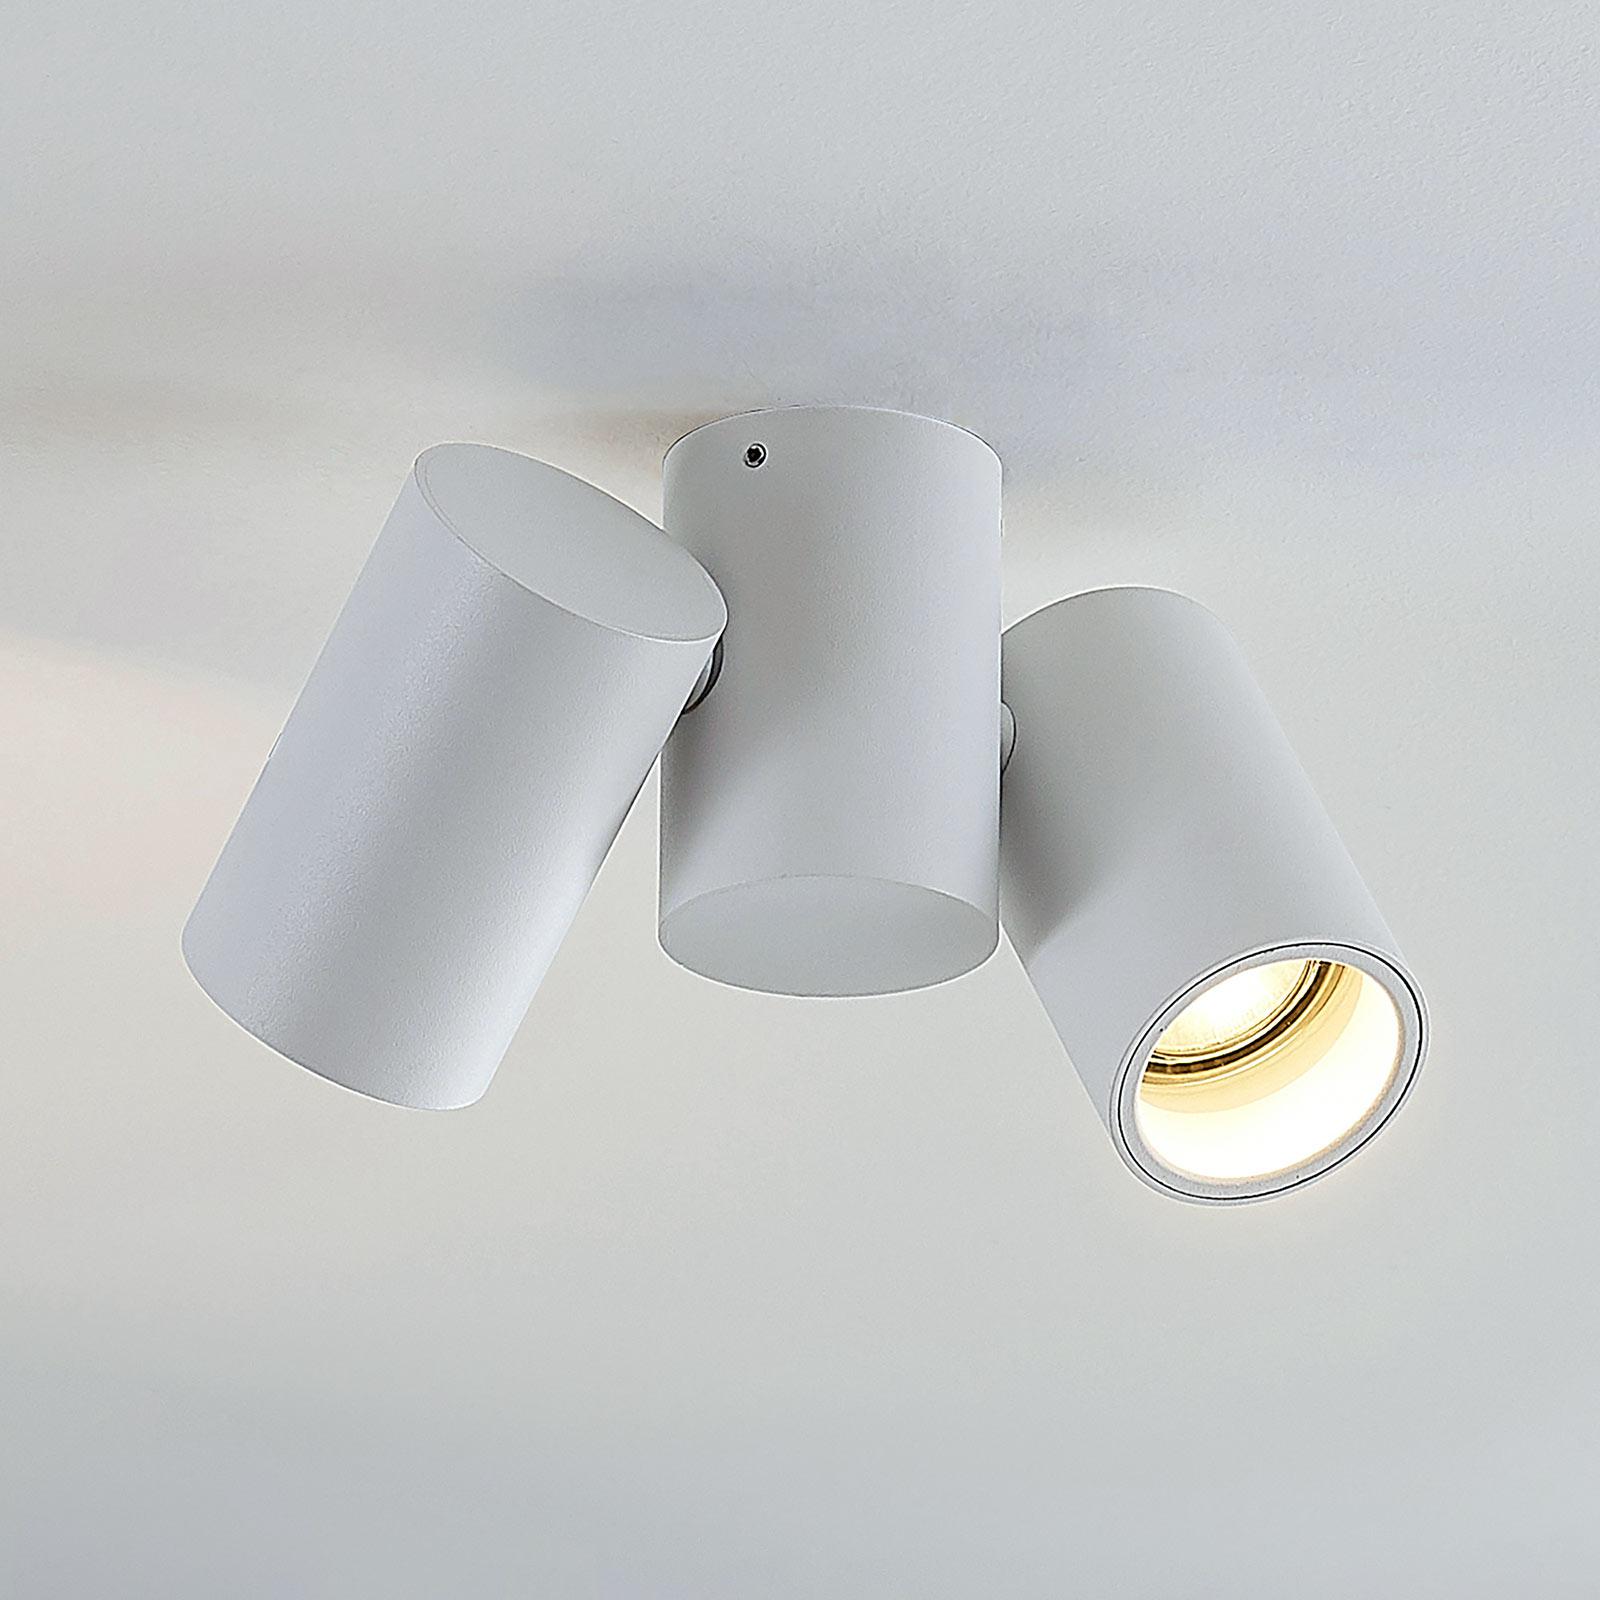 Lámpara de techo Gesina, dos luces, blanca